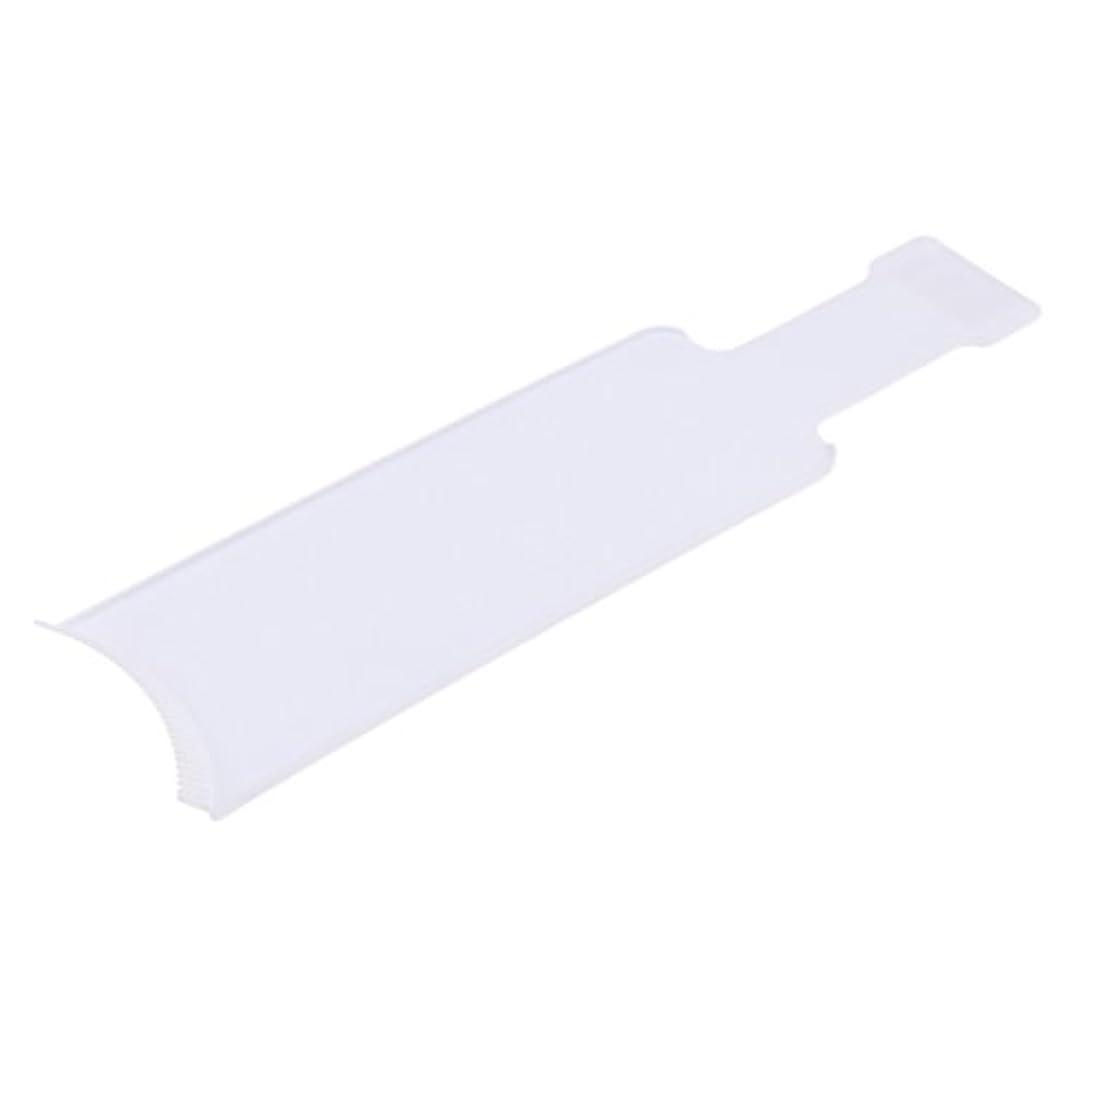 試用スリーブ文句を言う染色櫛プレート 着色ボード 染めボード ヘアカラー ヘアブラシ 便利 おしゃれ染 2サイズ2色選べる - 白, L